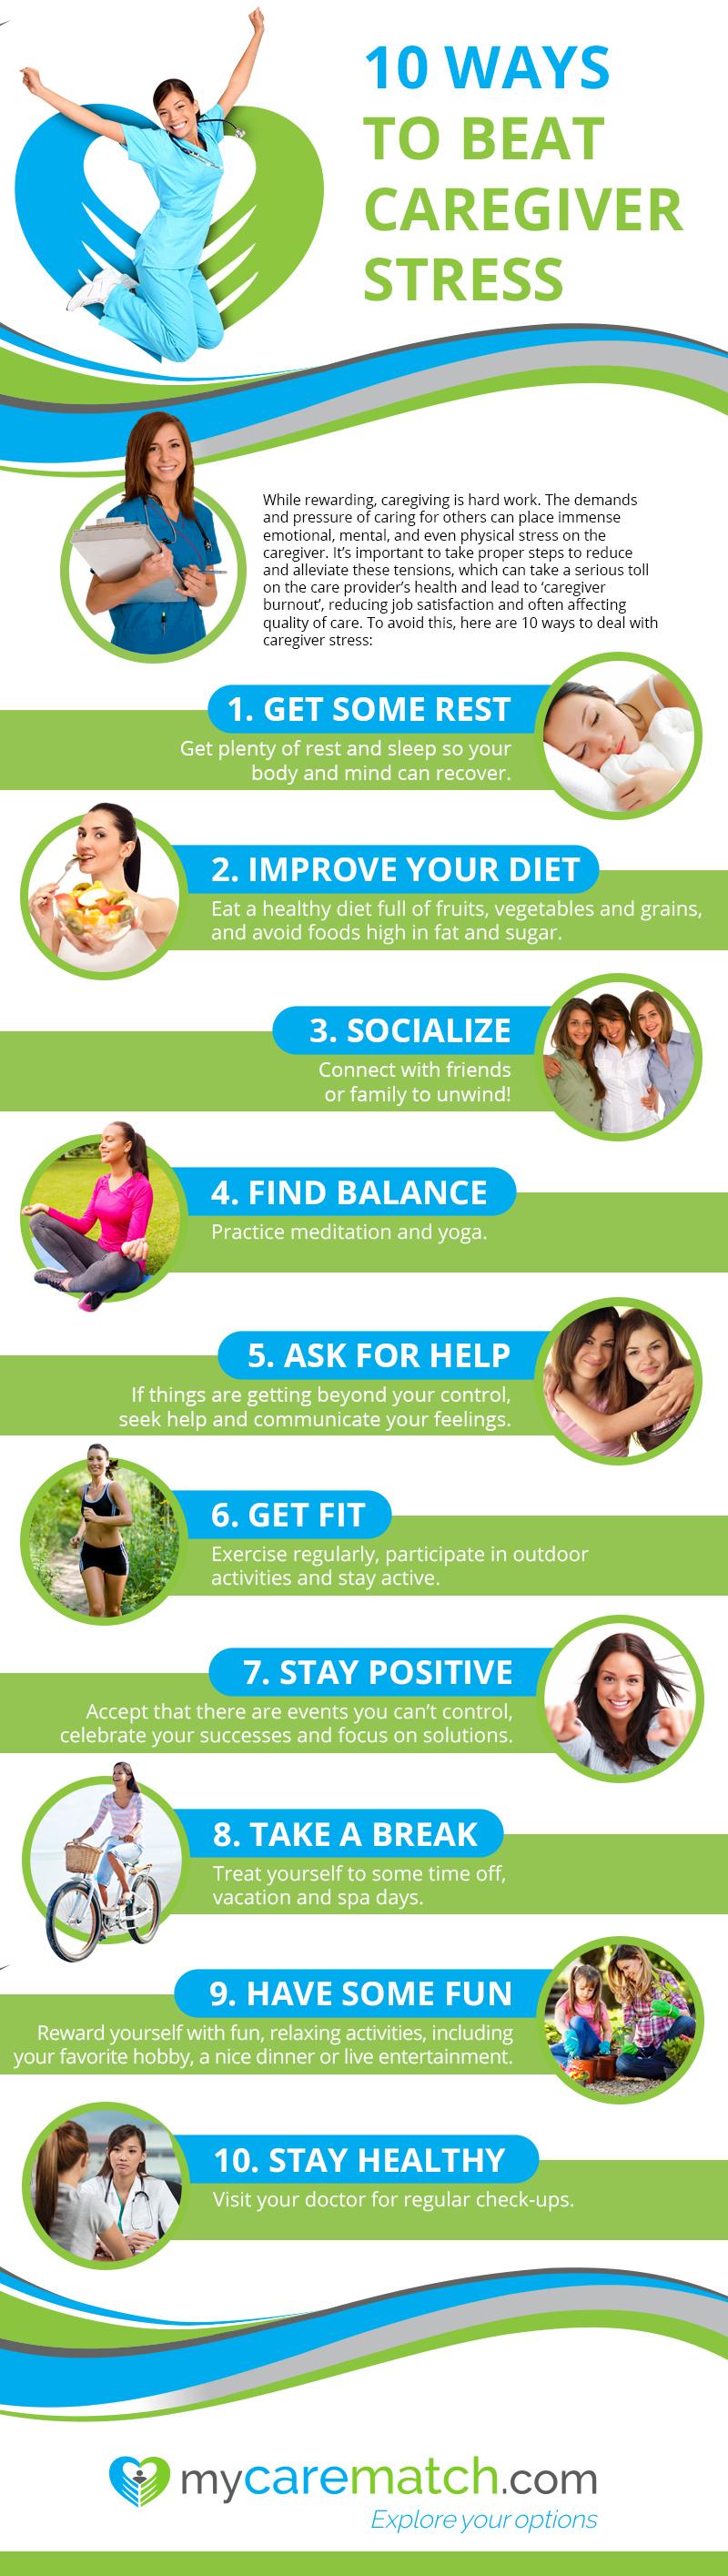 10 Ways to Beat Caregiver Stress